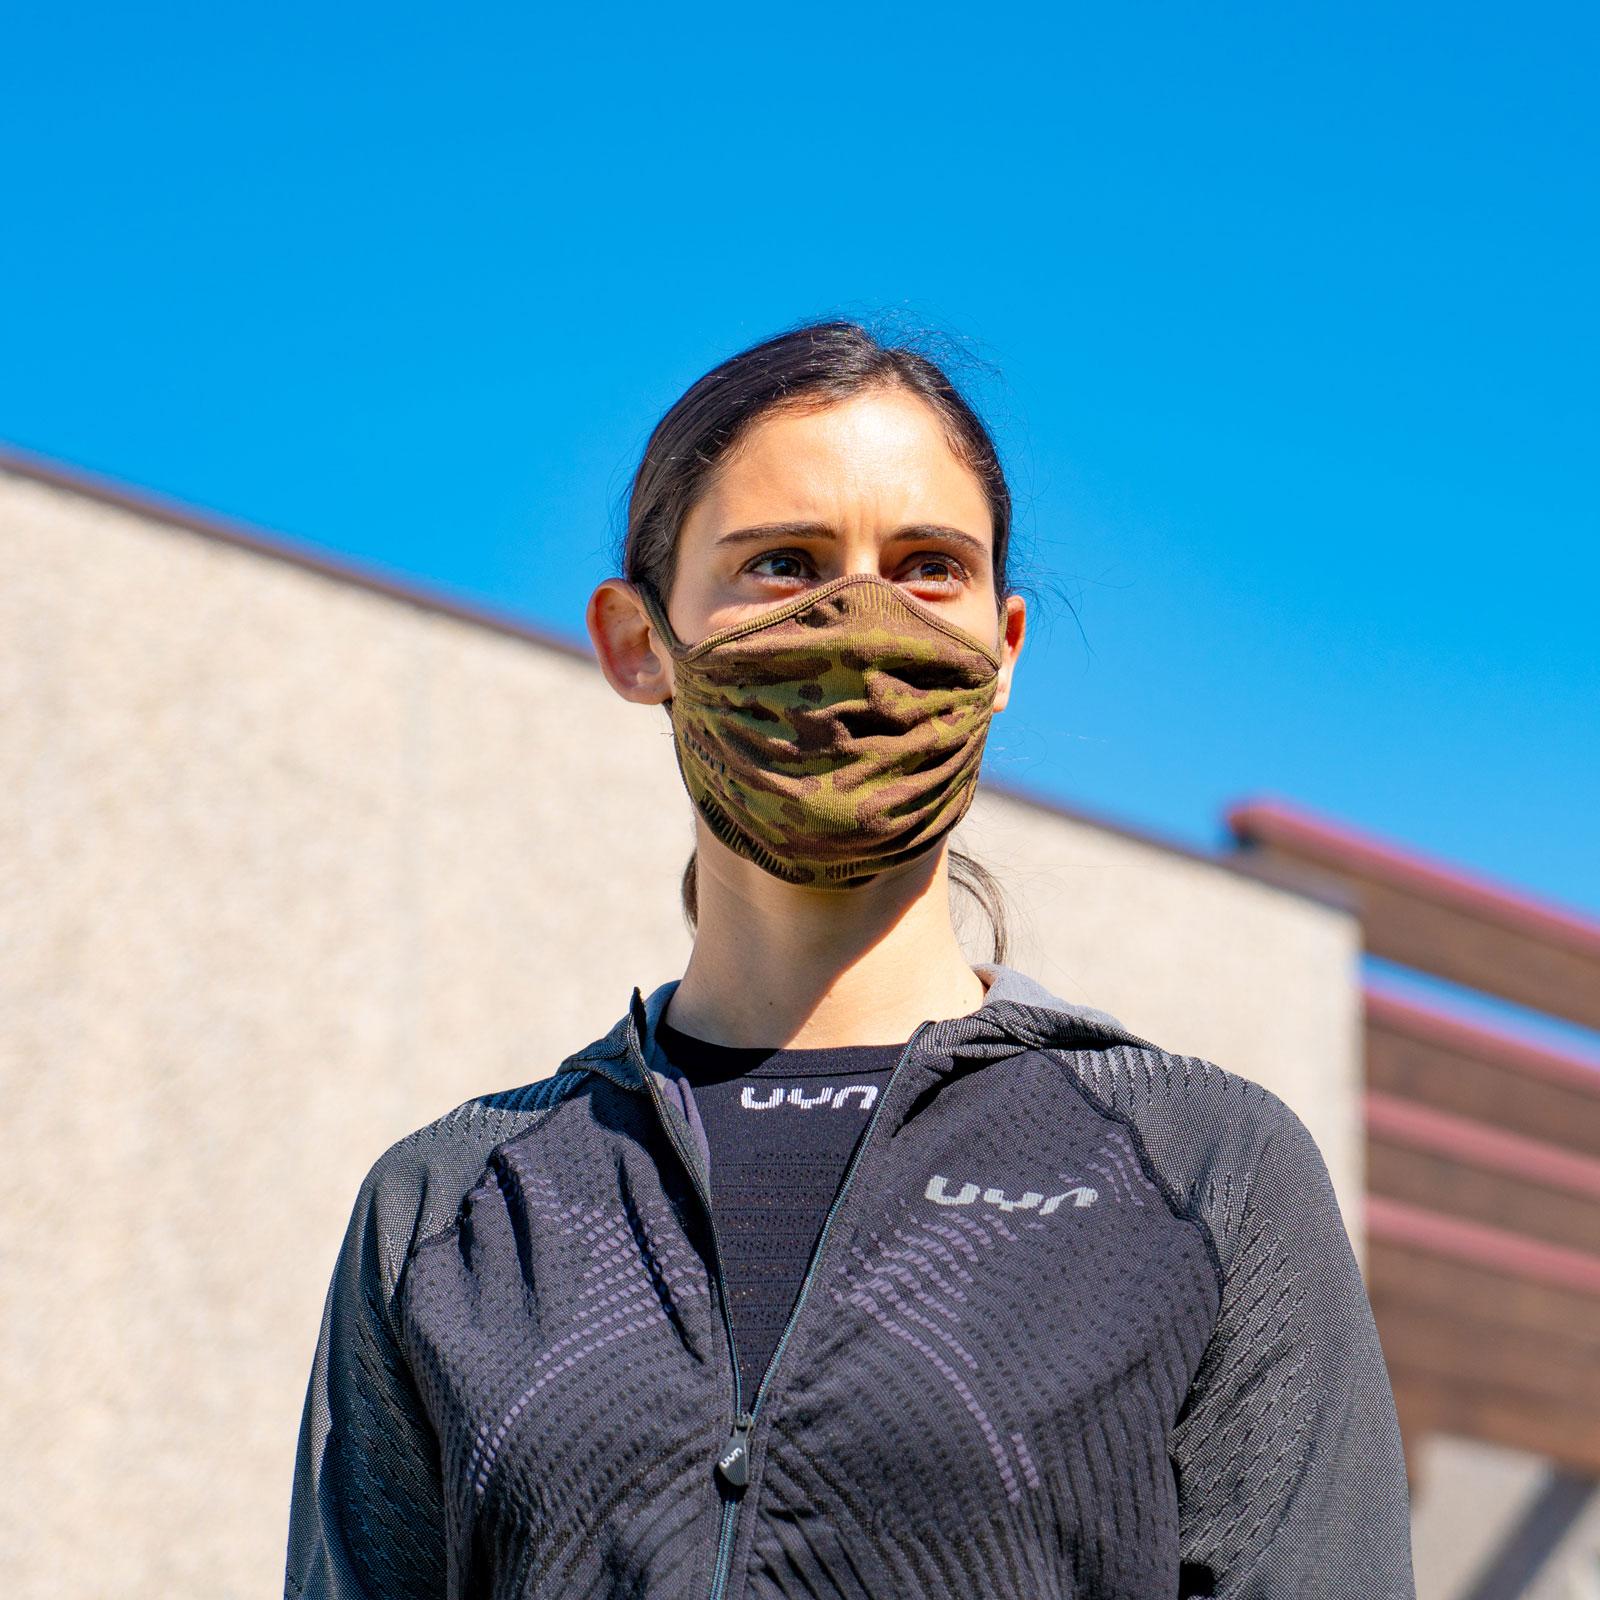 Bild von UYN Community Mask Unisex Gesichtsmaske - camouflage brown